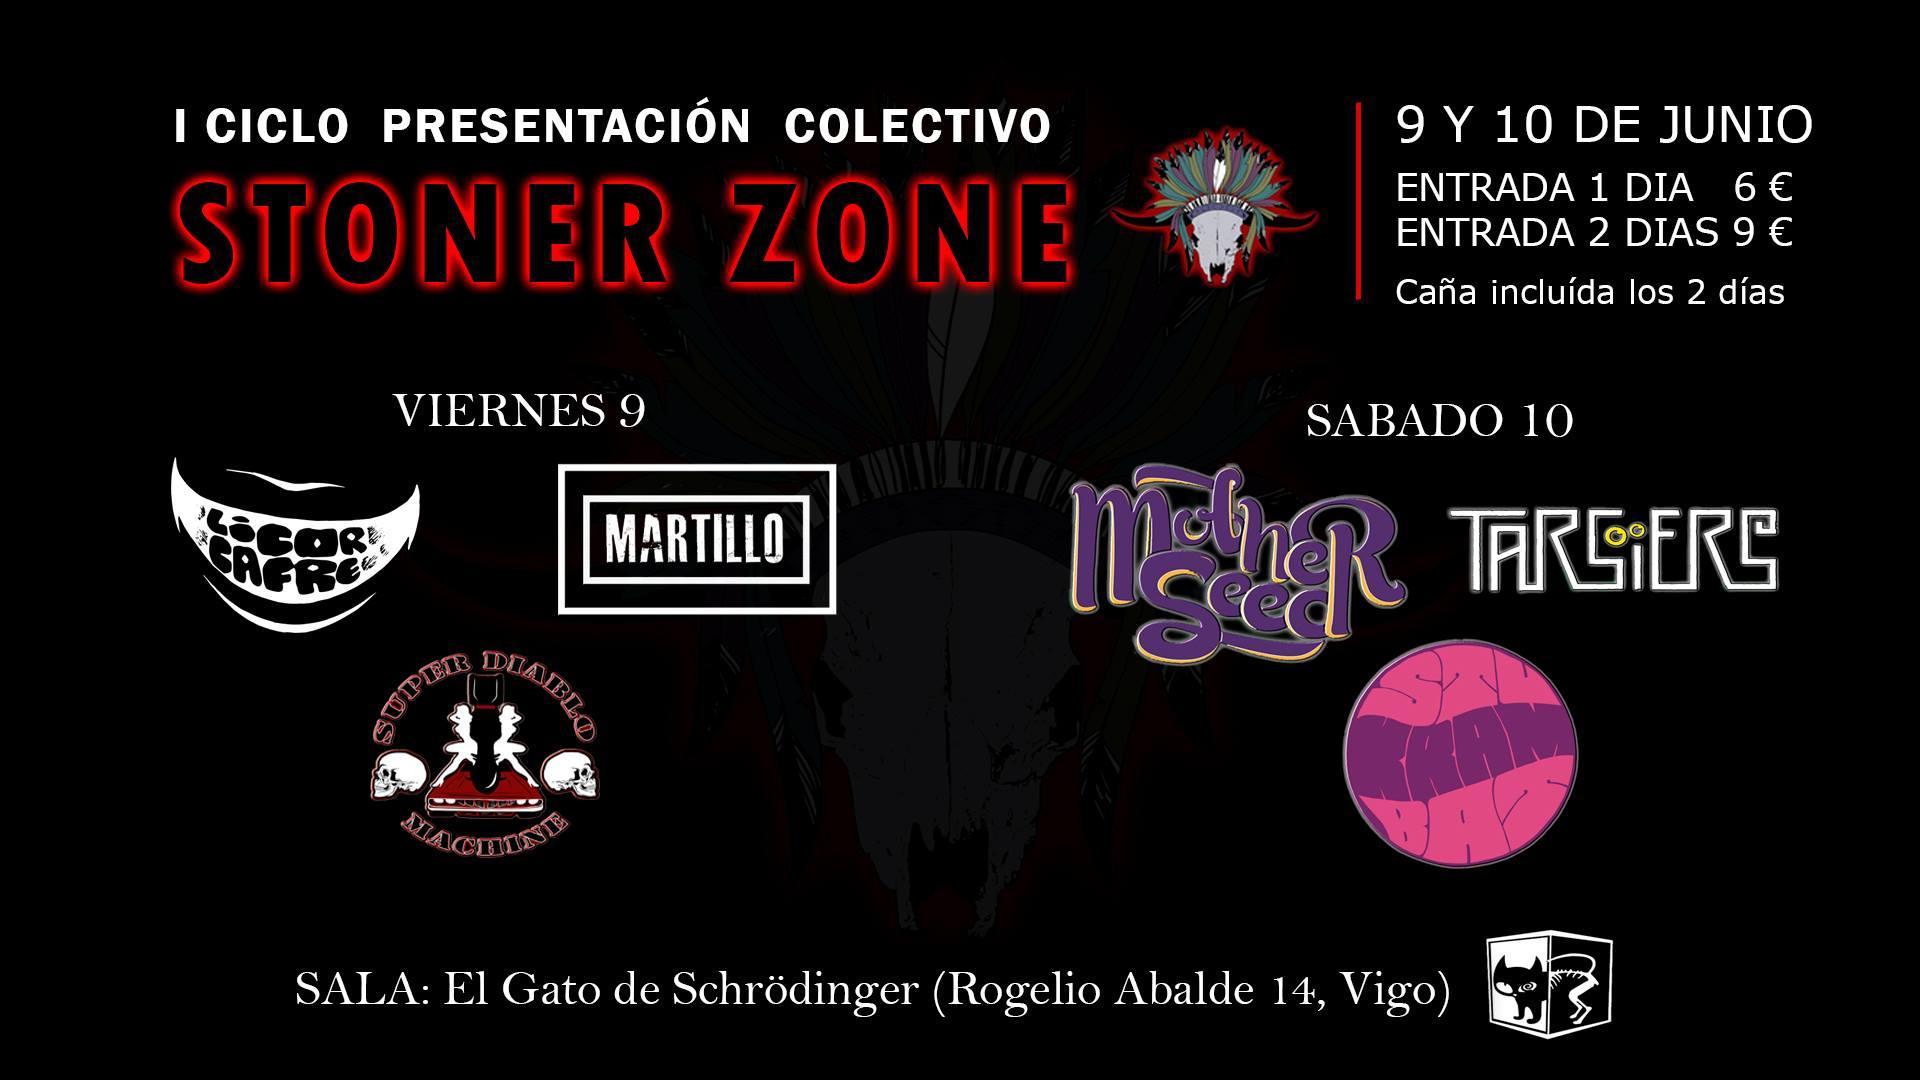 I Ciclo presentación Colectivo Stoner Zone